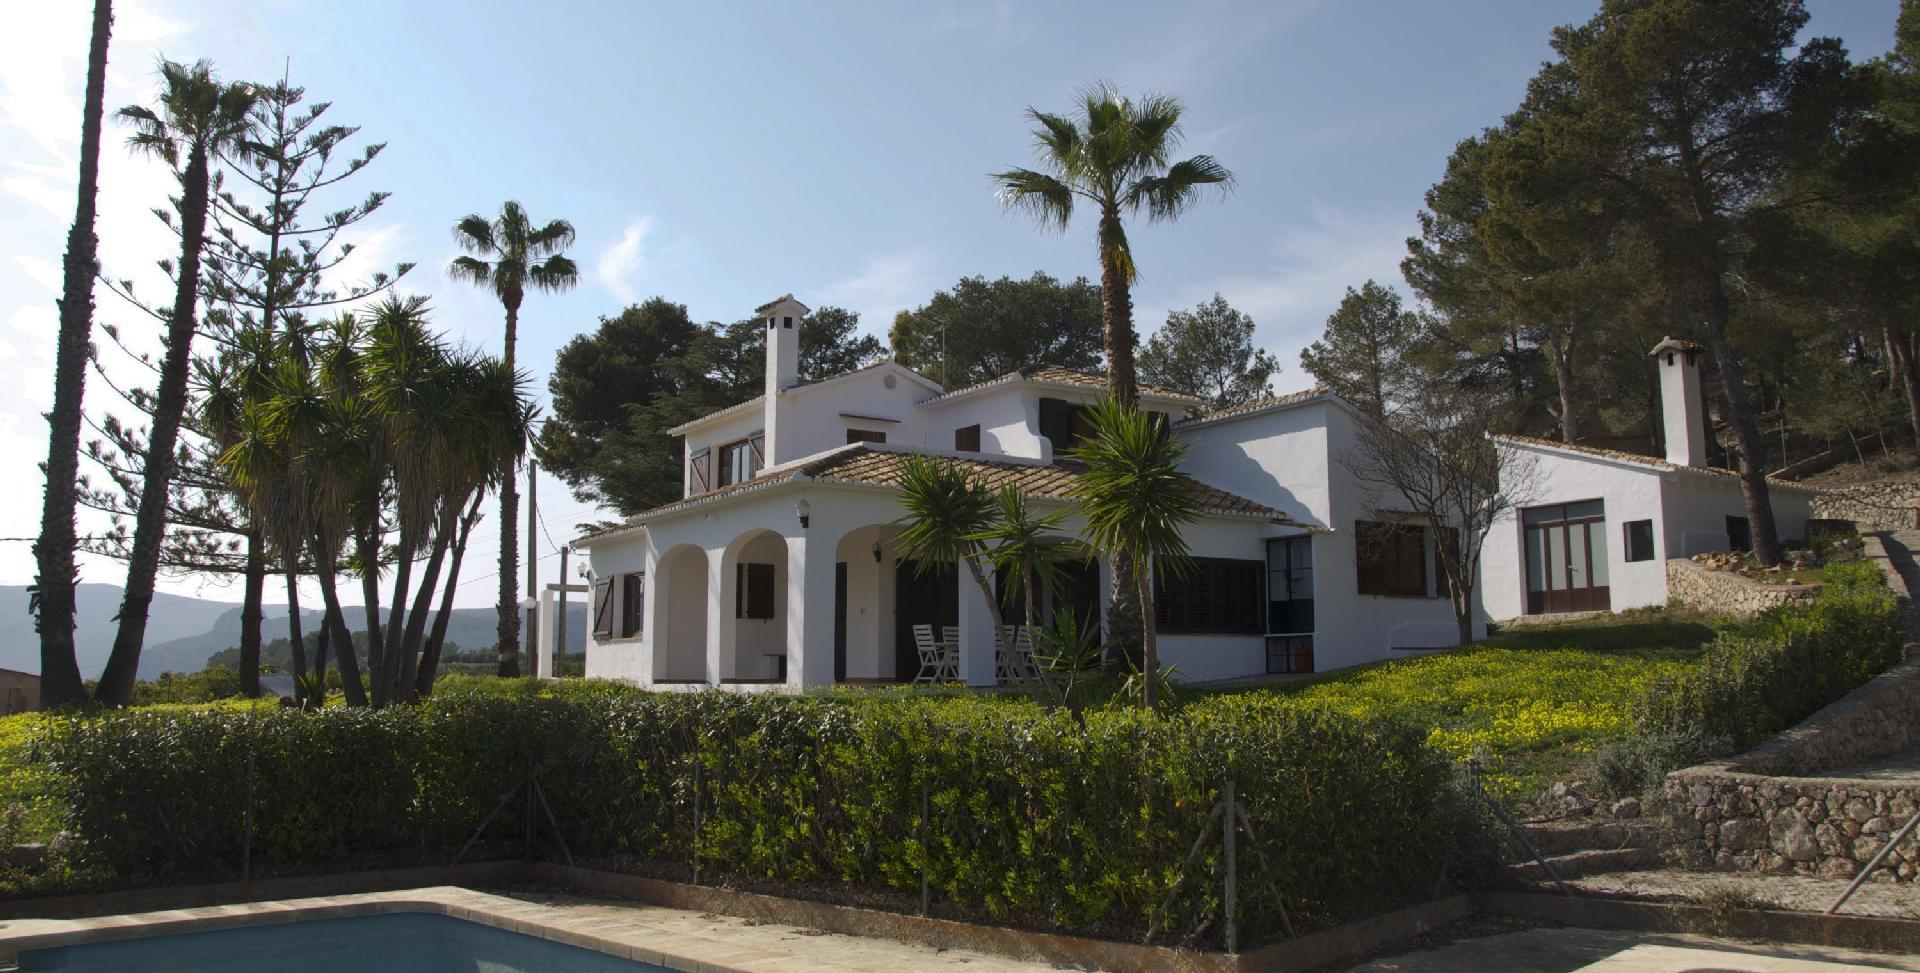 Ferienhaus für 8 Personen ca. 220 m² in